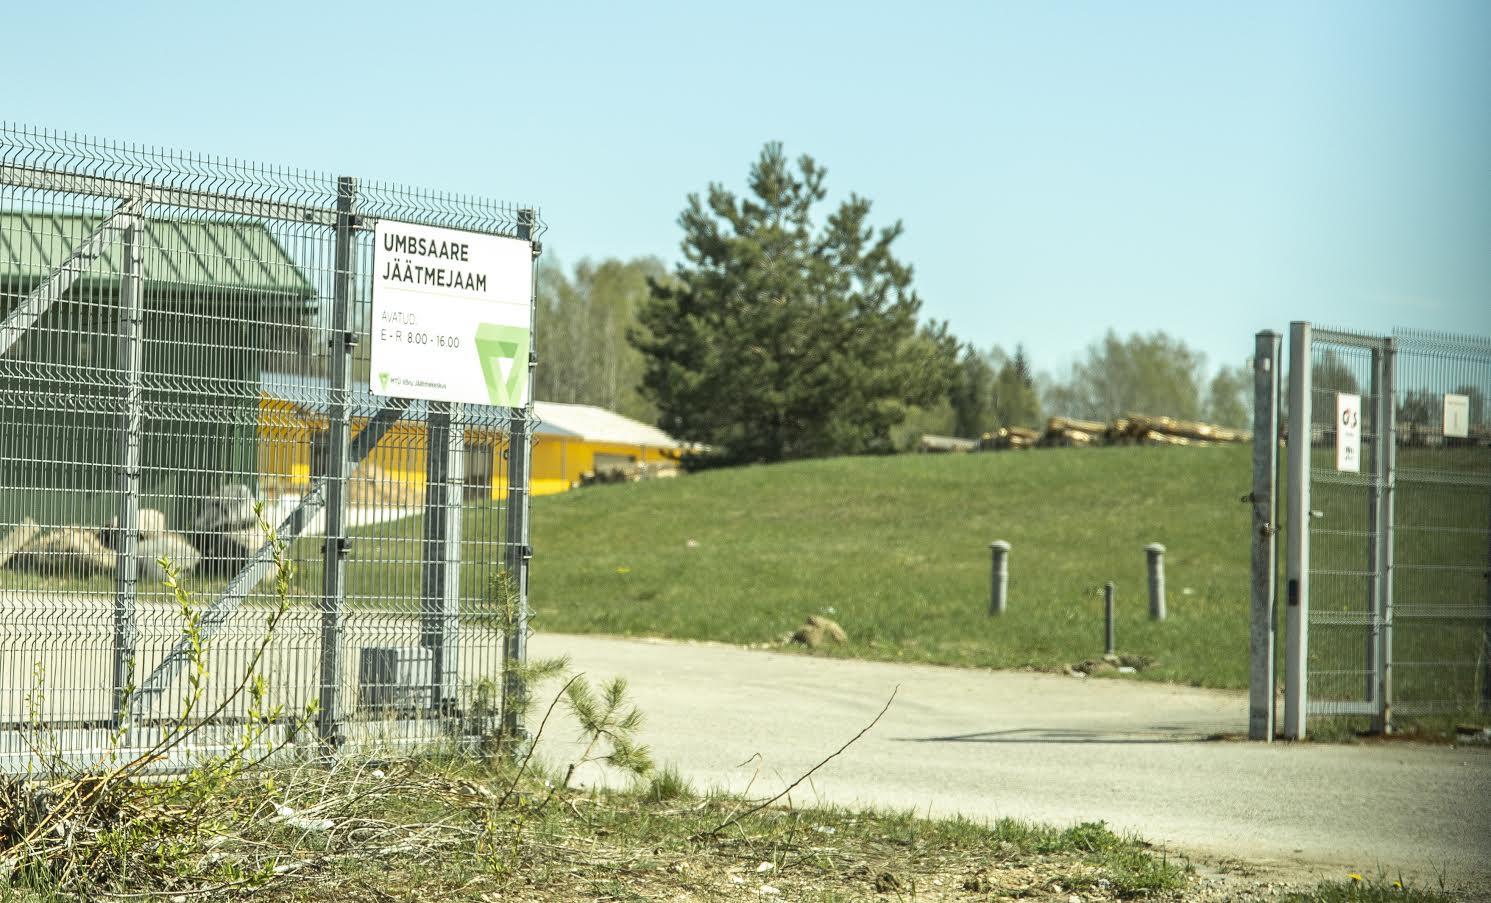 Umbsaare jäätmekeskus võtab linna kõneisiku kinnitusel jäätmed kõigilt vastu ja kõigile kehtib üks hinnakiri. Foto: AIGAR NAGEL